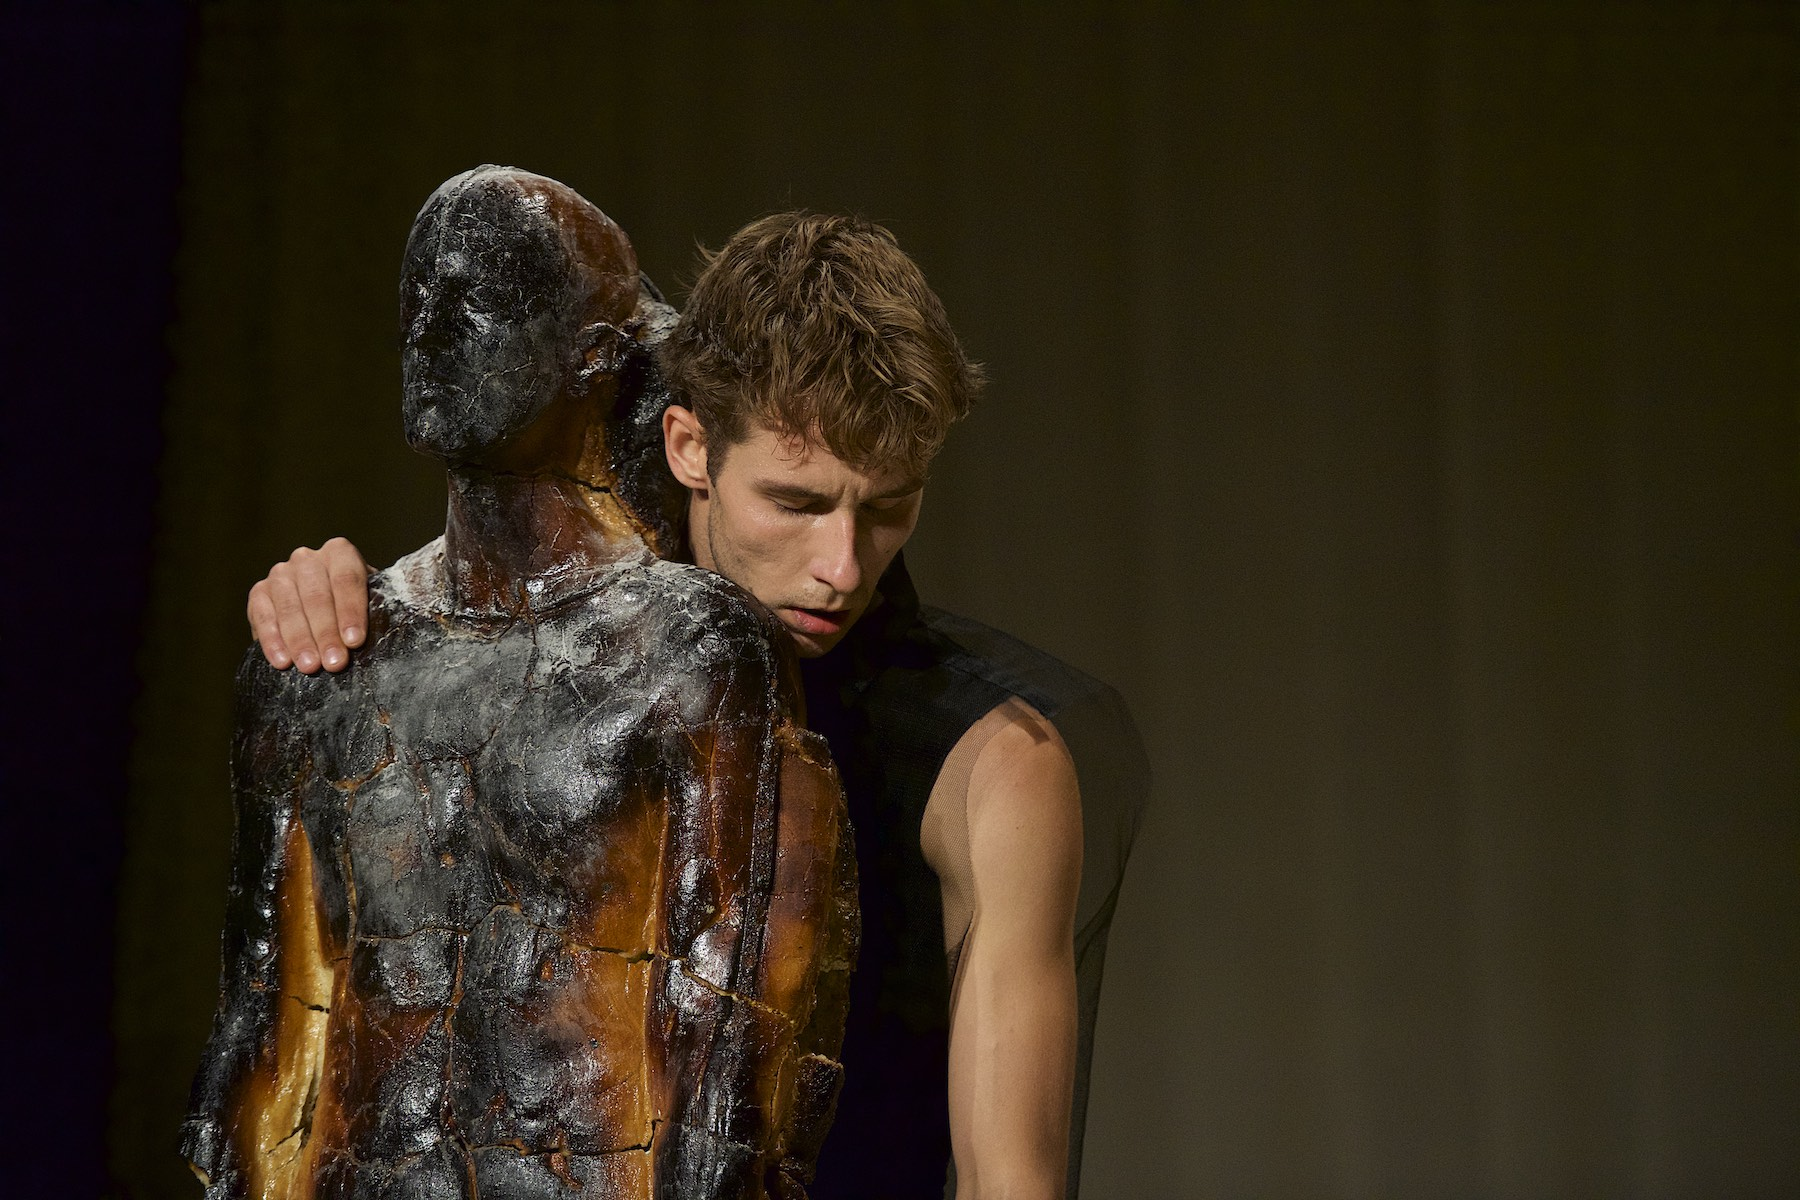 Mann und Skulptur